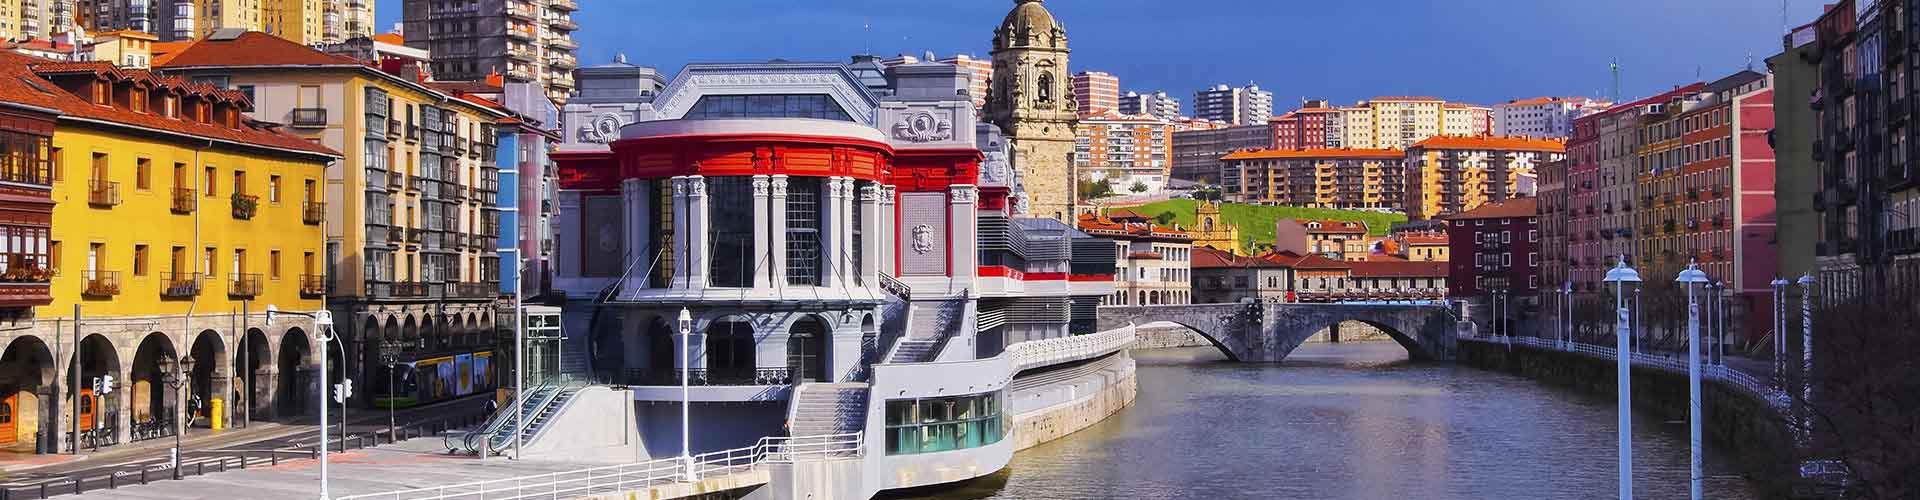 Bilbao - Apartments nahe Stadtzentrum. Bilbao auf der Karte. Fotos und Bewertungen für jedes Apartment in Bilbao.